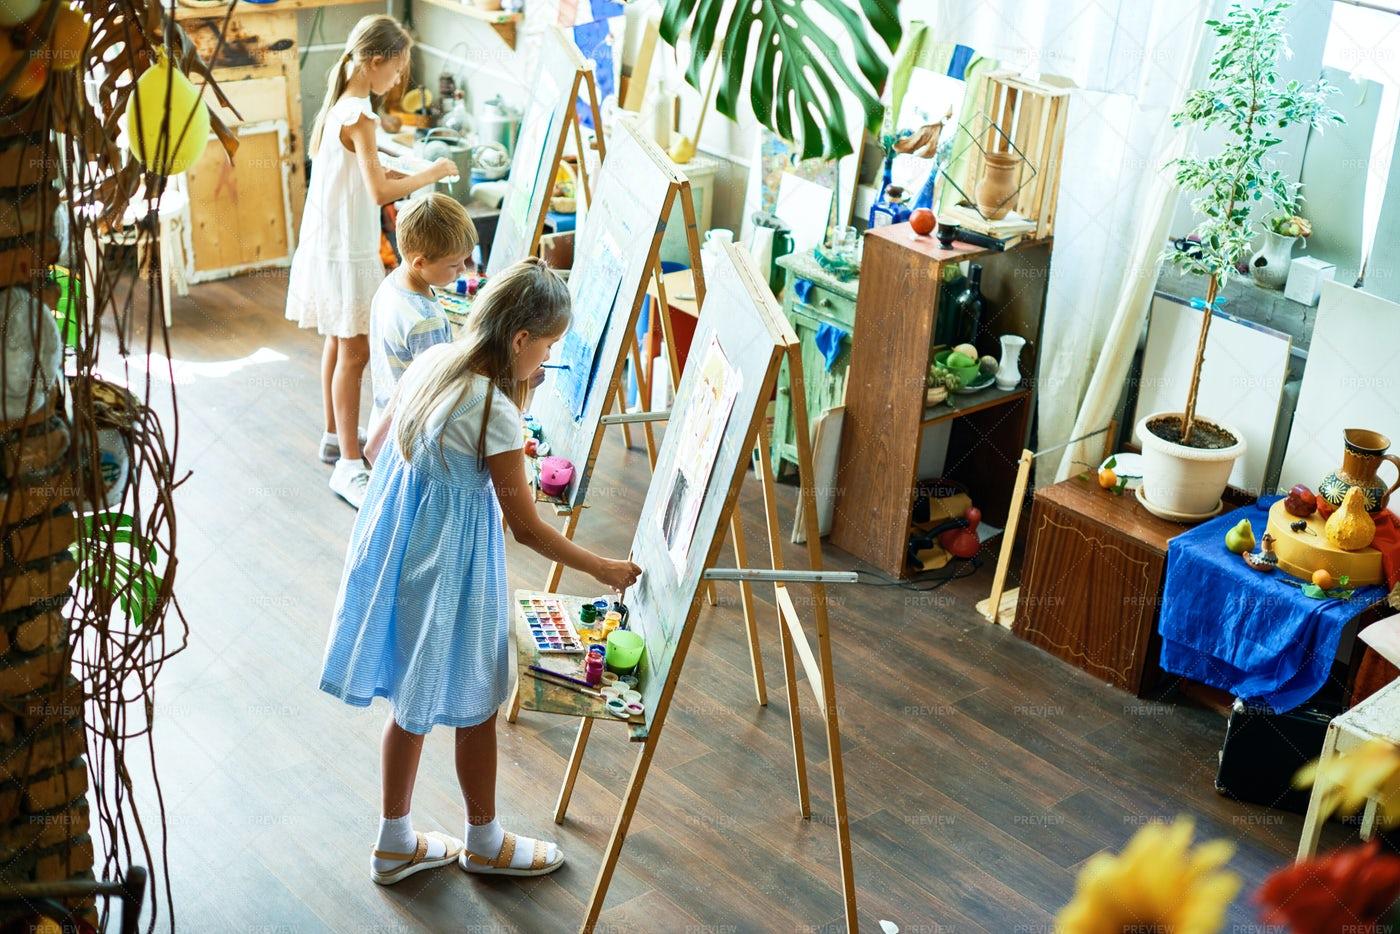 Enjoying Class At Art Studio: Stock Photos